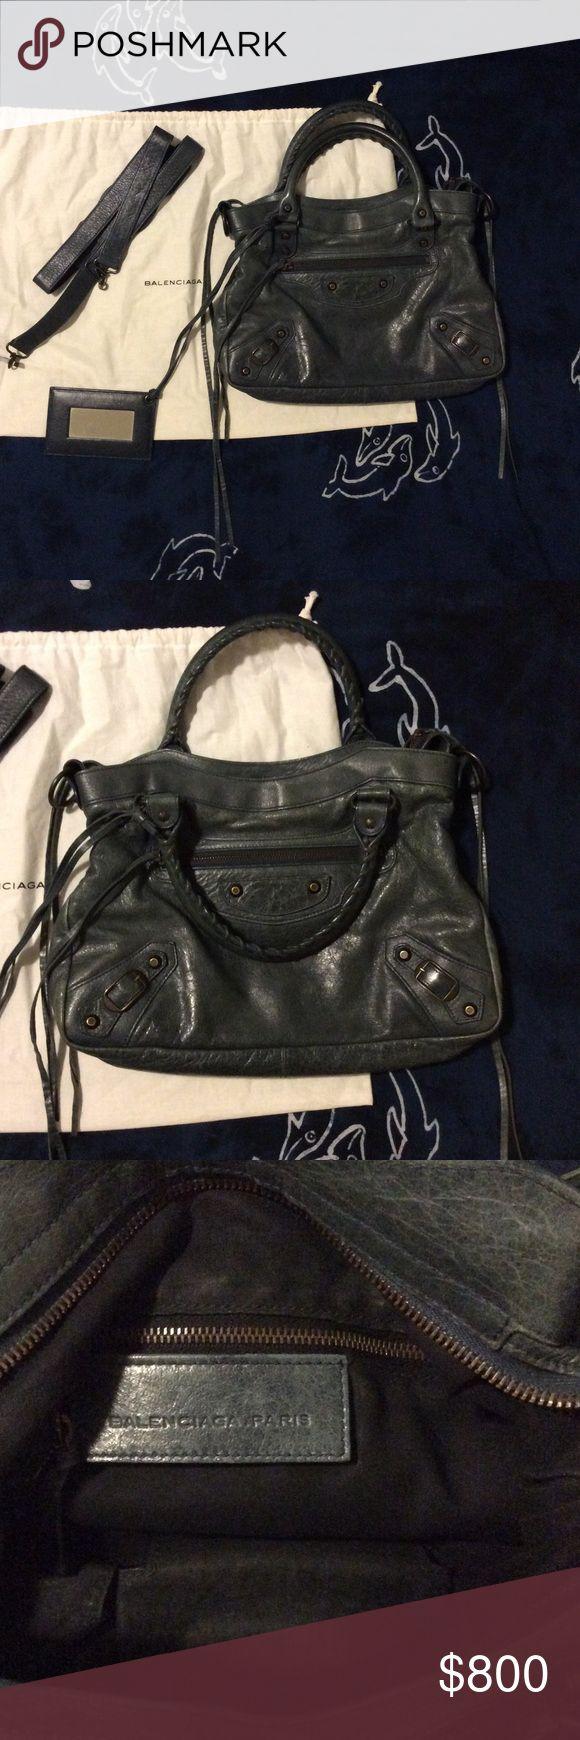 Balenciaga town bag Balenciaga town bag in anthracite with dust bag, mirror, and strap Balenciaga Bags